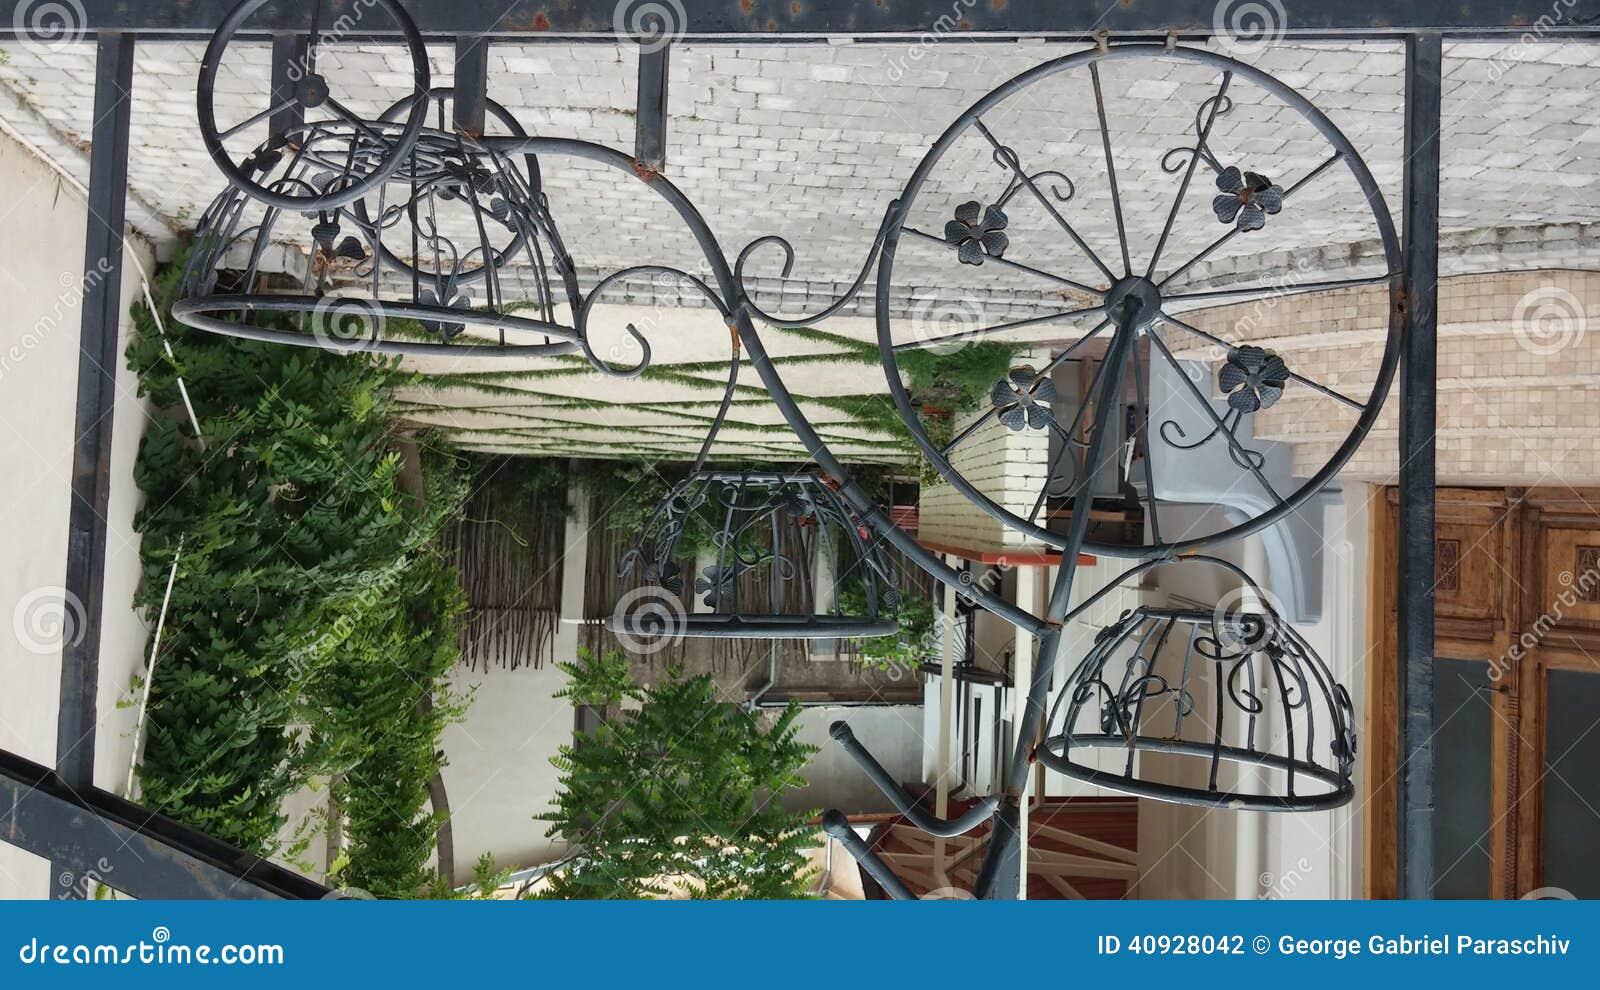 cerca de jardim ferro:cerca do jardim com 3 rodas bicycle o modelo Imagem tomada com